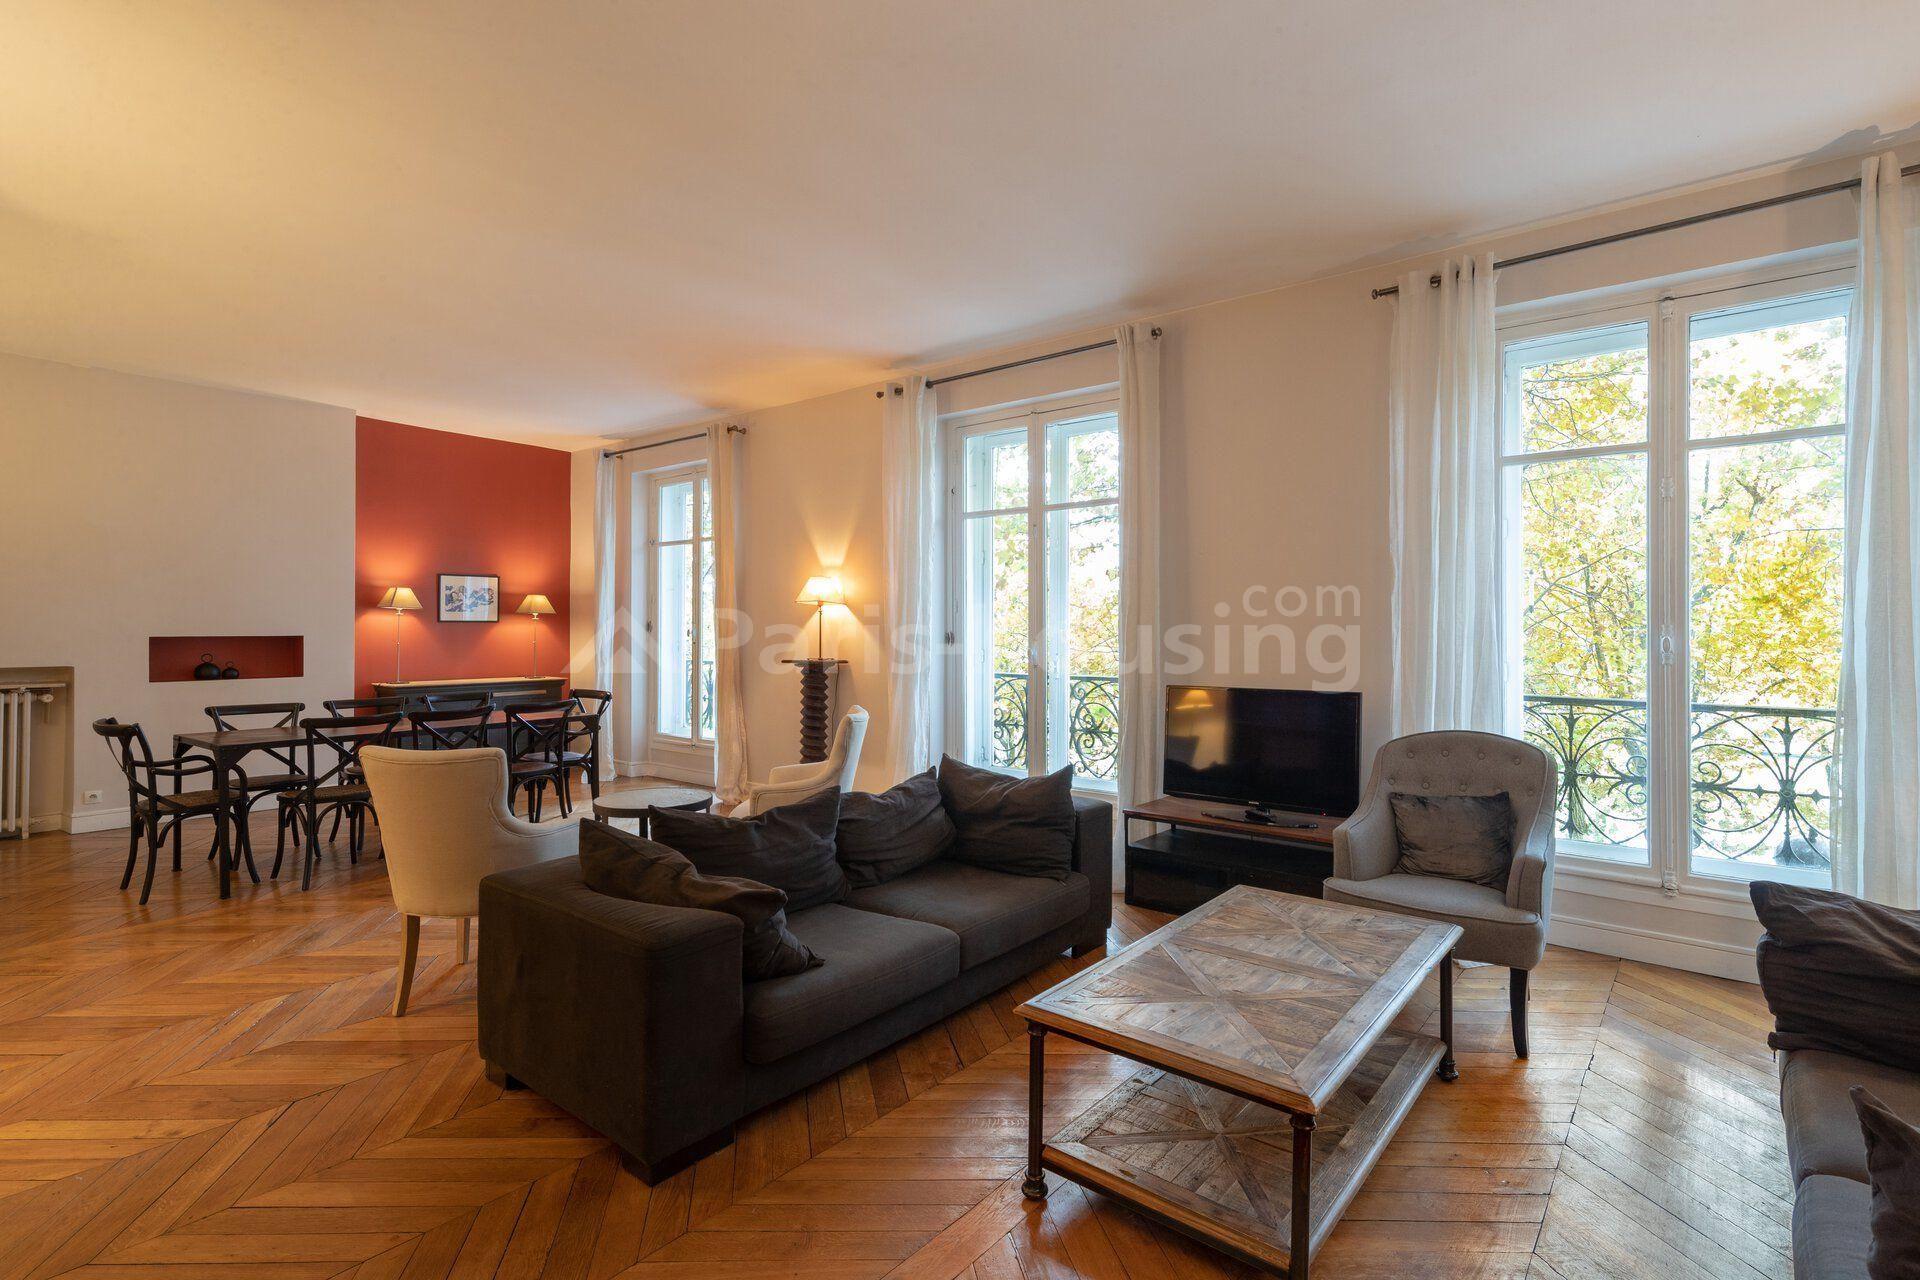 Apartment to rent in Paris 75016 - 3 beds - €3,750 per ...